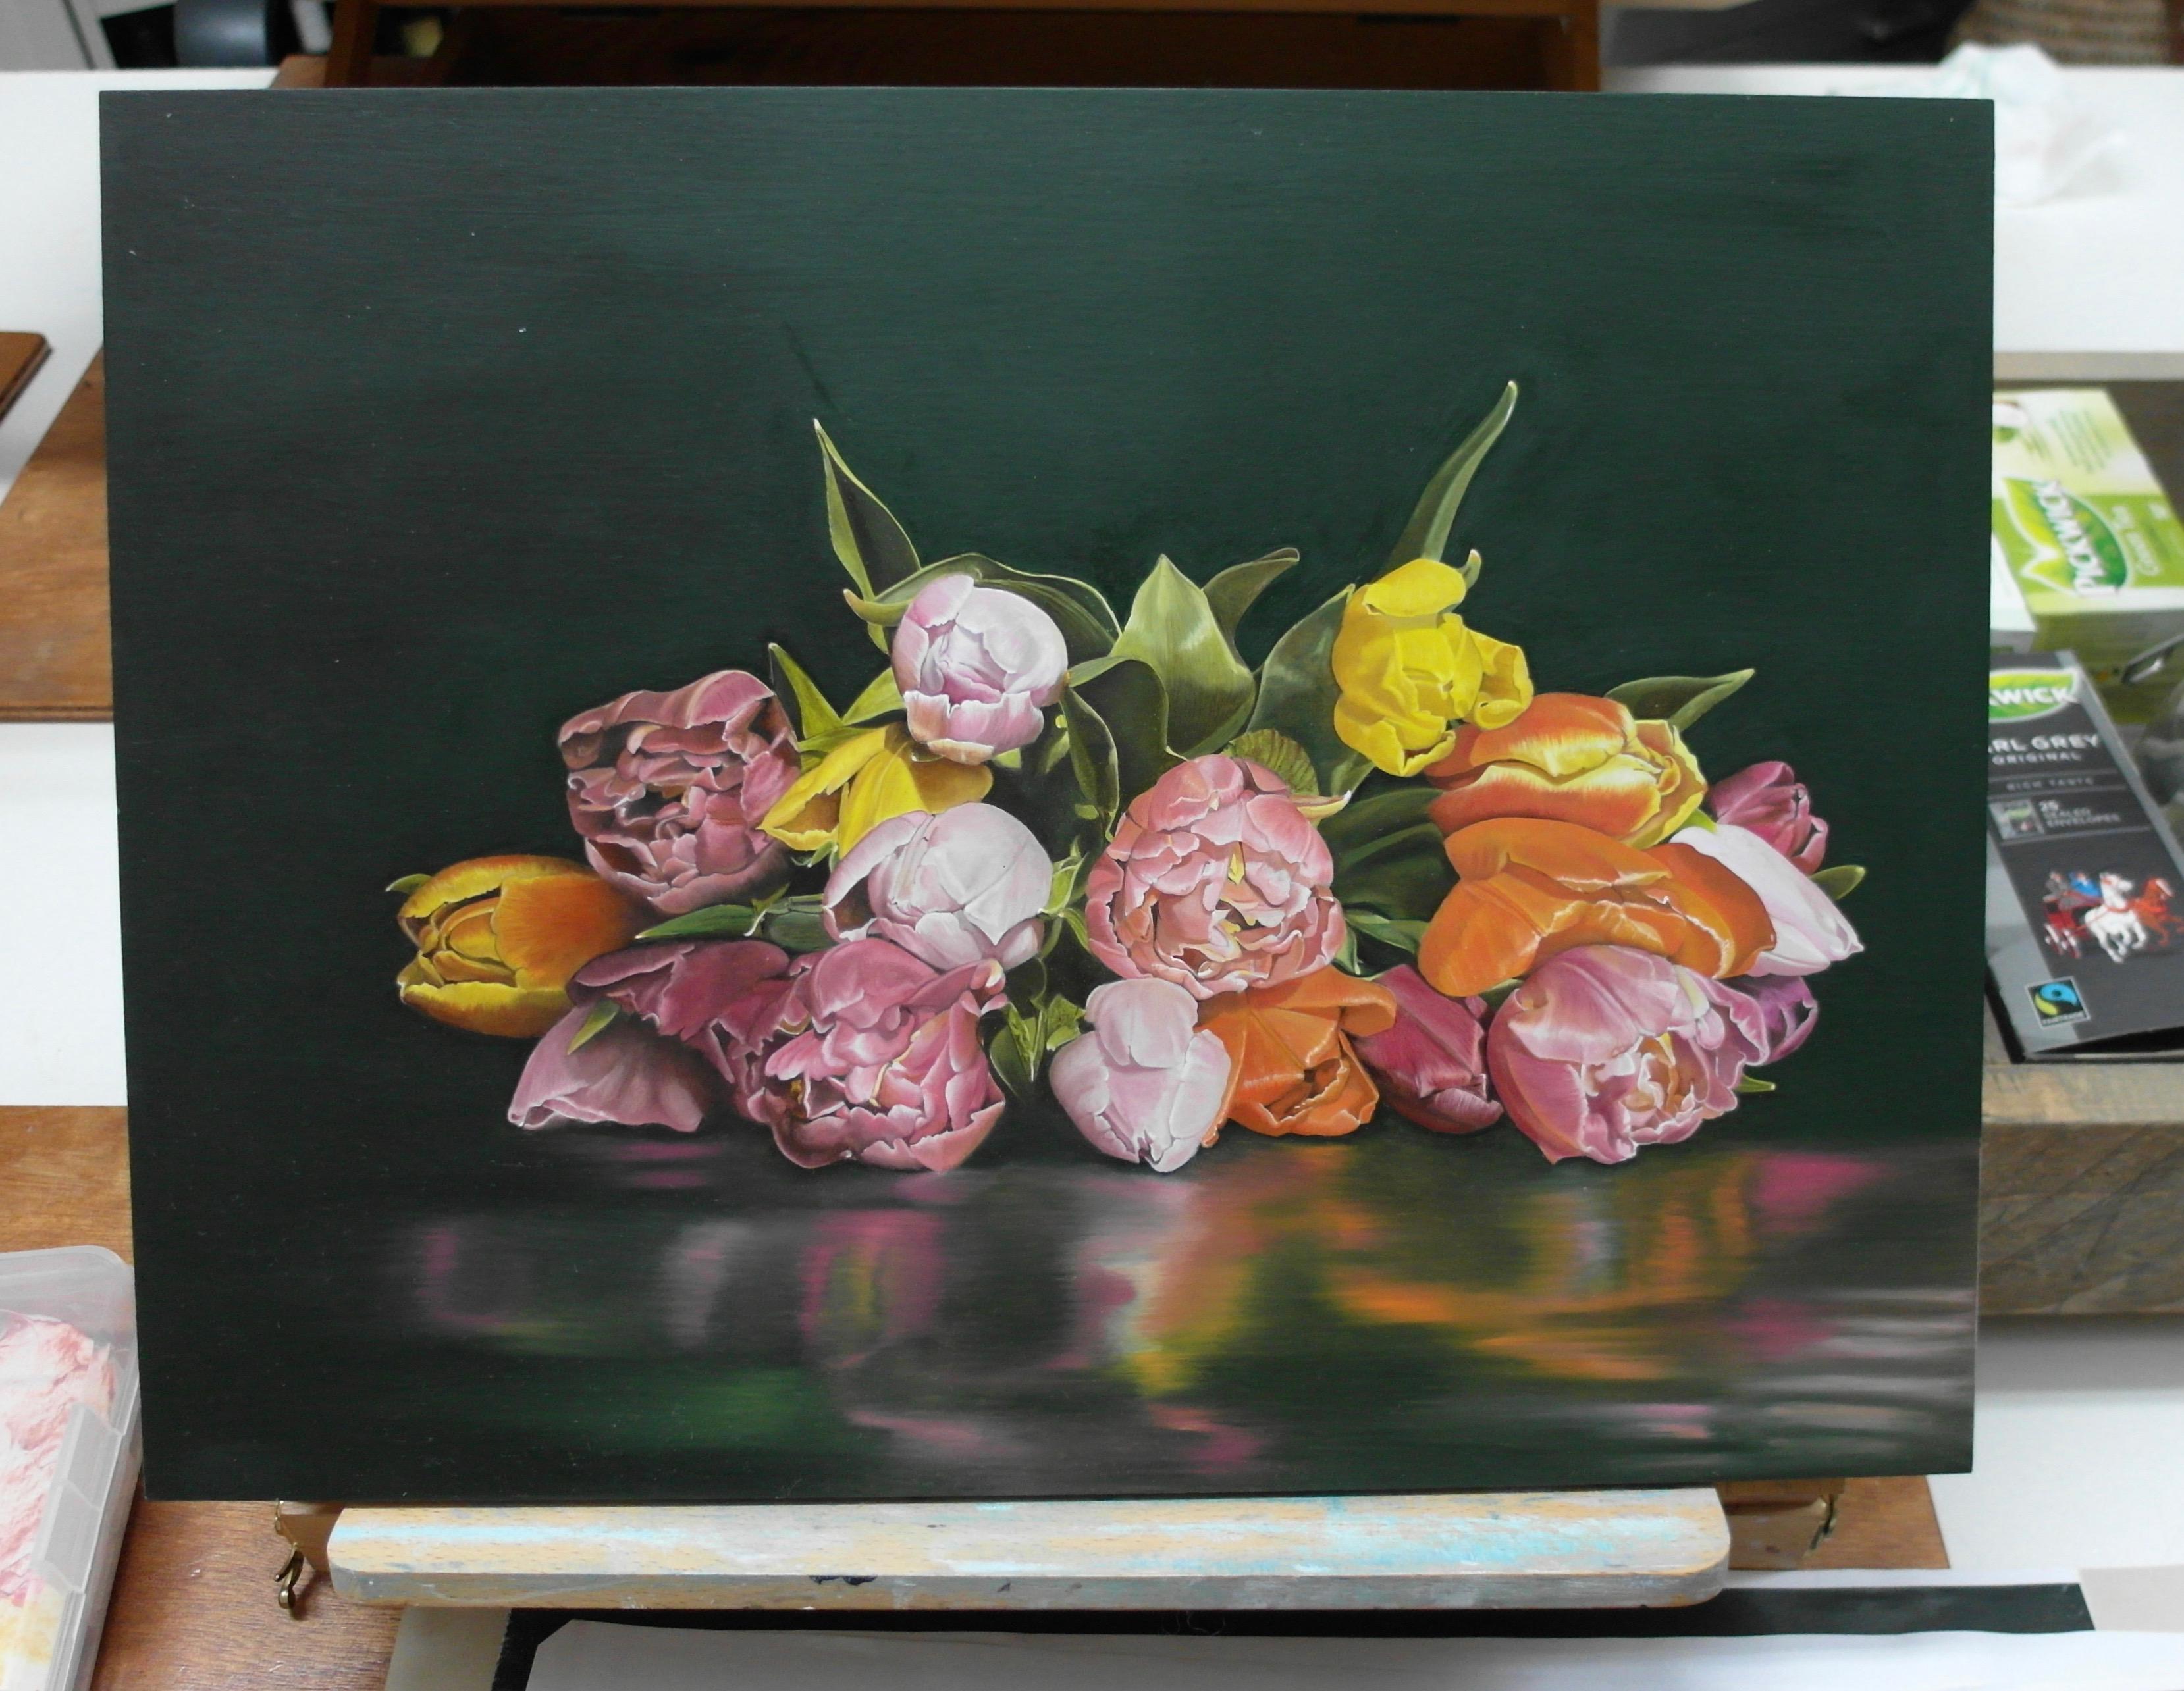 Vrijdagochtend/Manon Babtist/Eigen Compositie/Schilderij inmiddels gereed voor expositie.